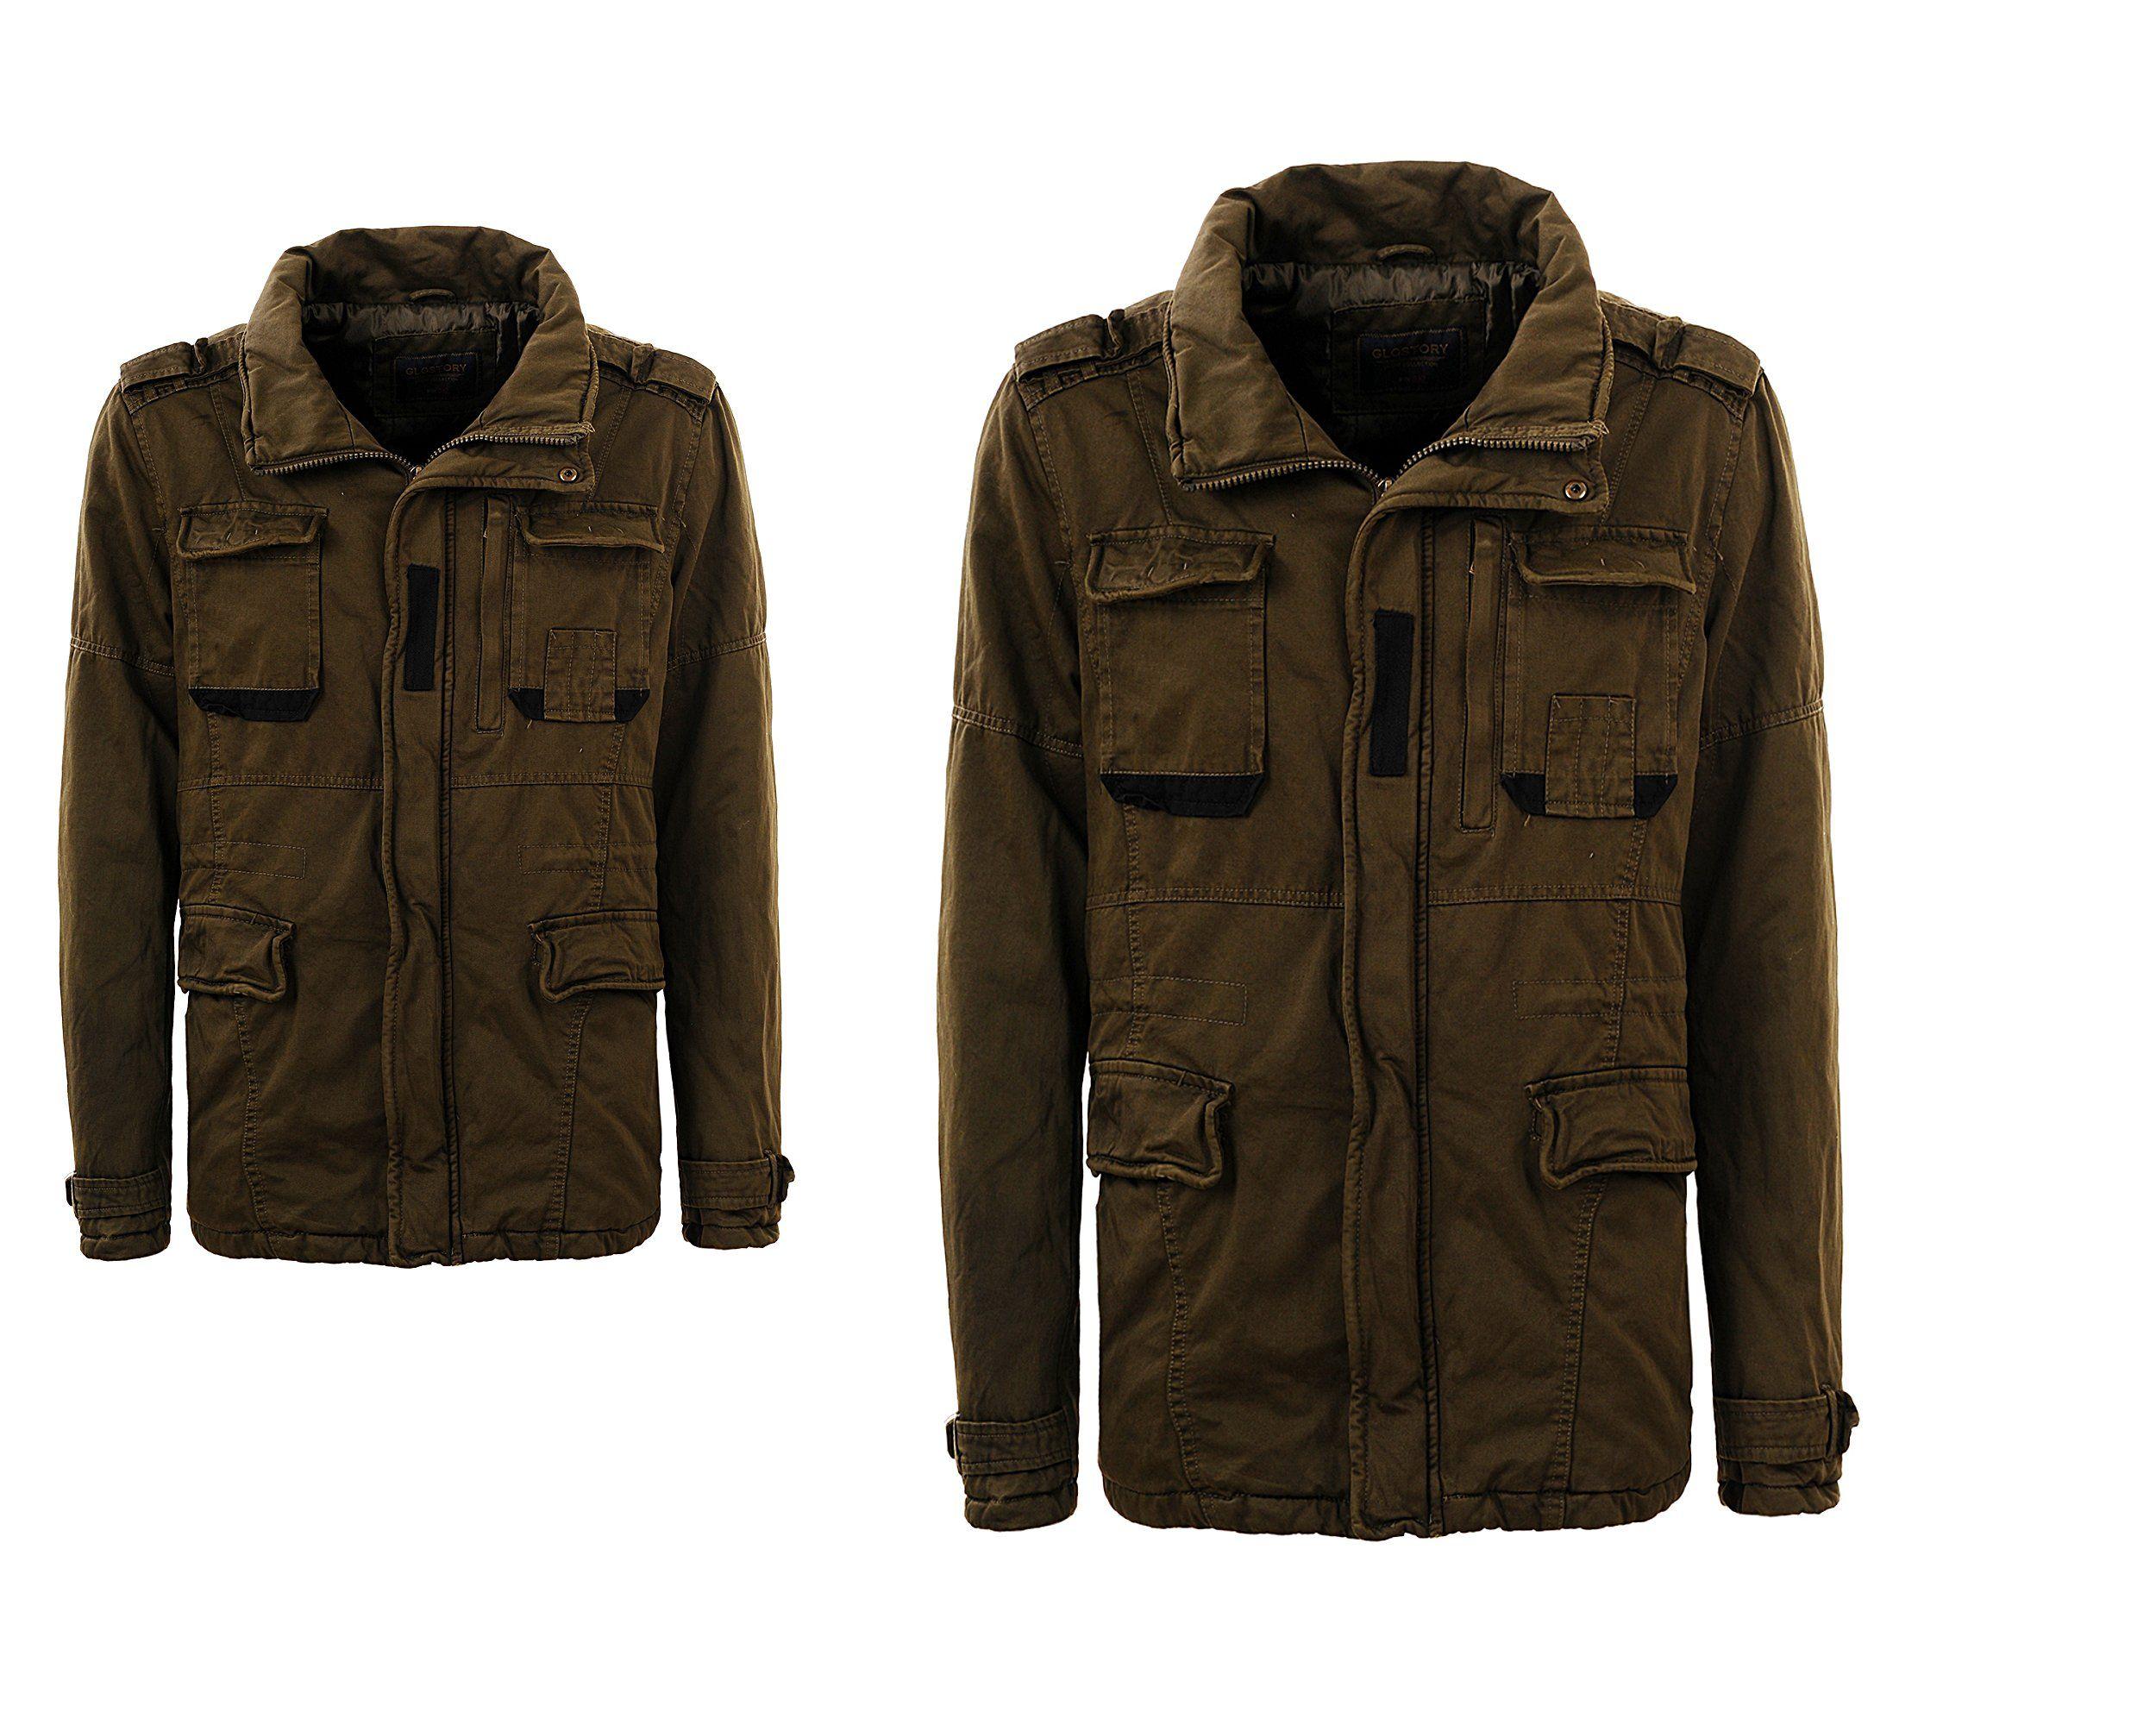 Kurtka Meska Parka Khaki Ze Stojka Jesienna Xxl 6986818285 Oficjalne Archiwum Allegro Military Jacket Jackets Fashion